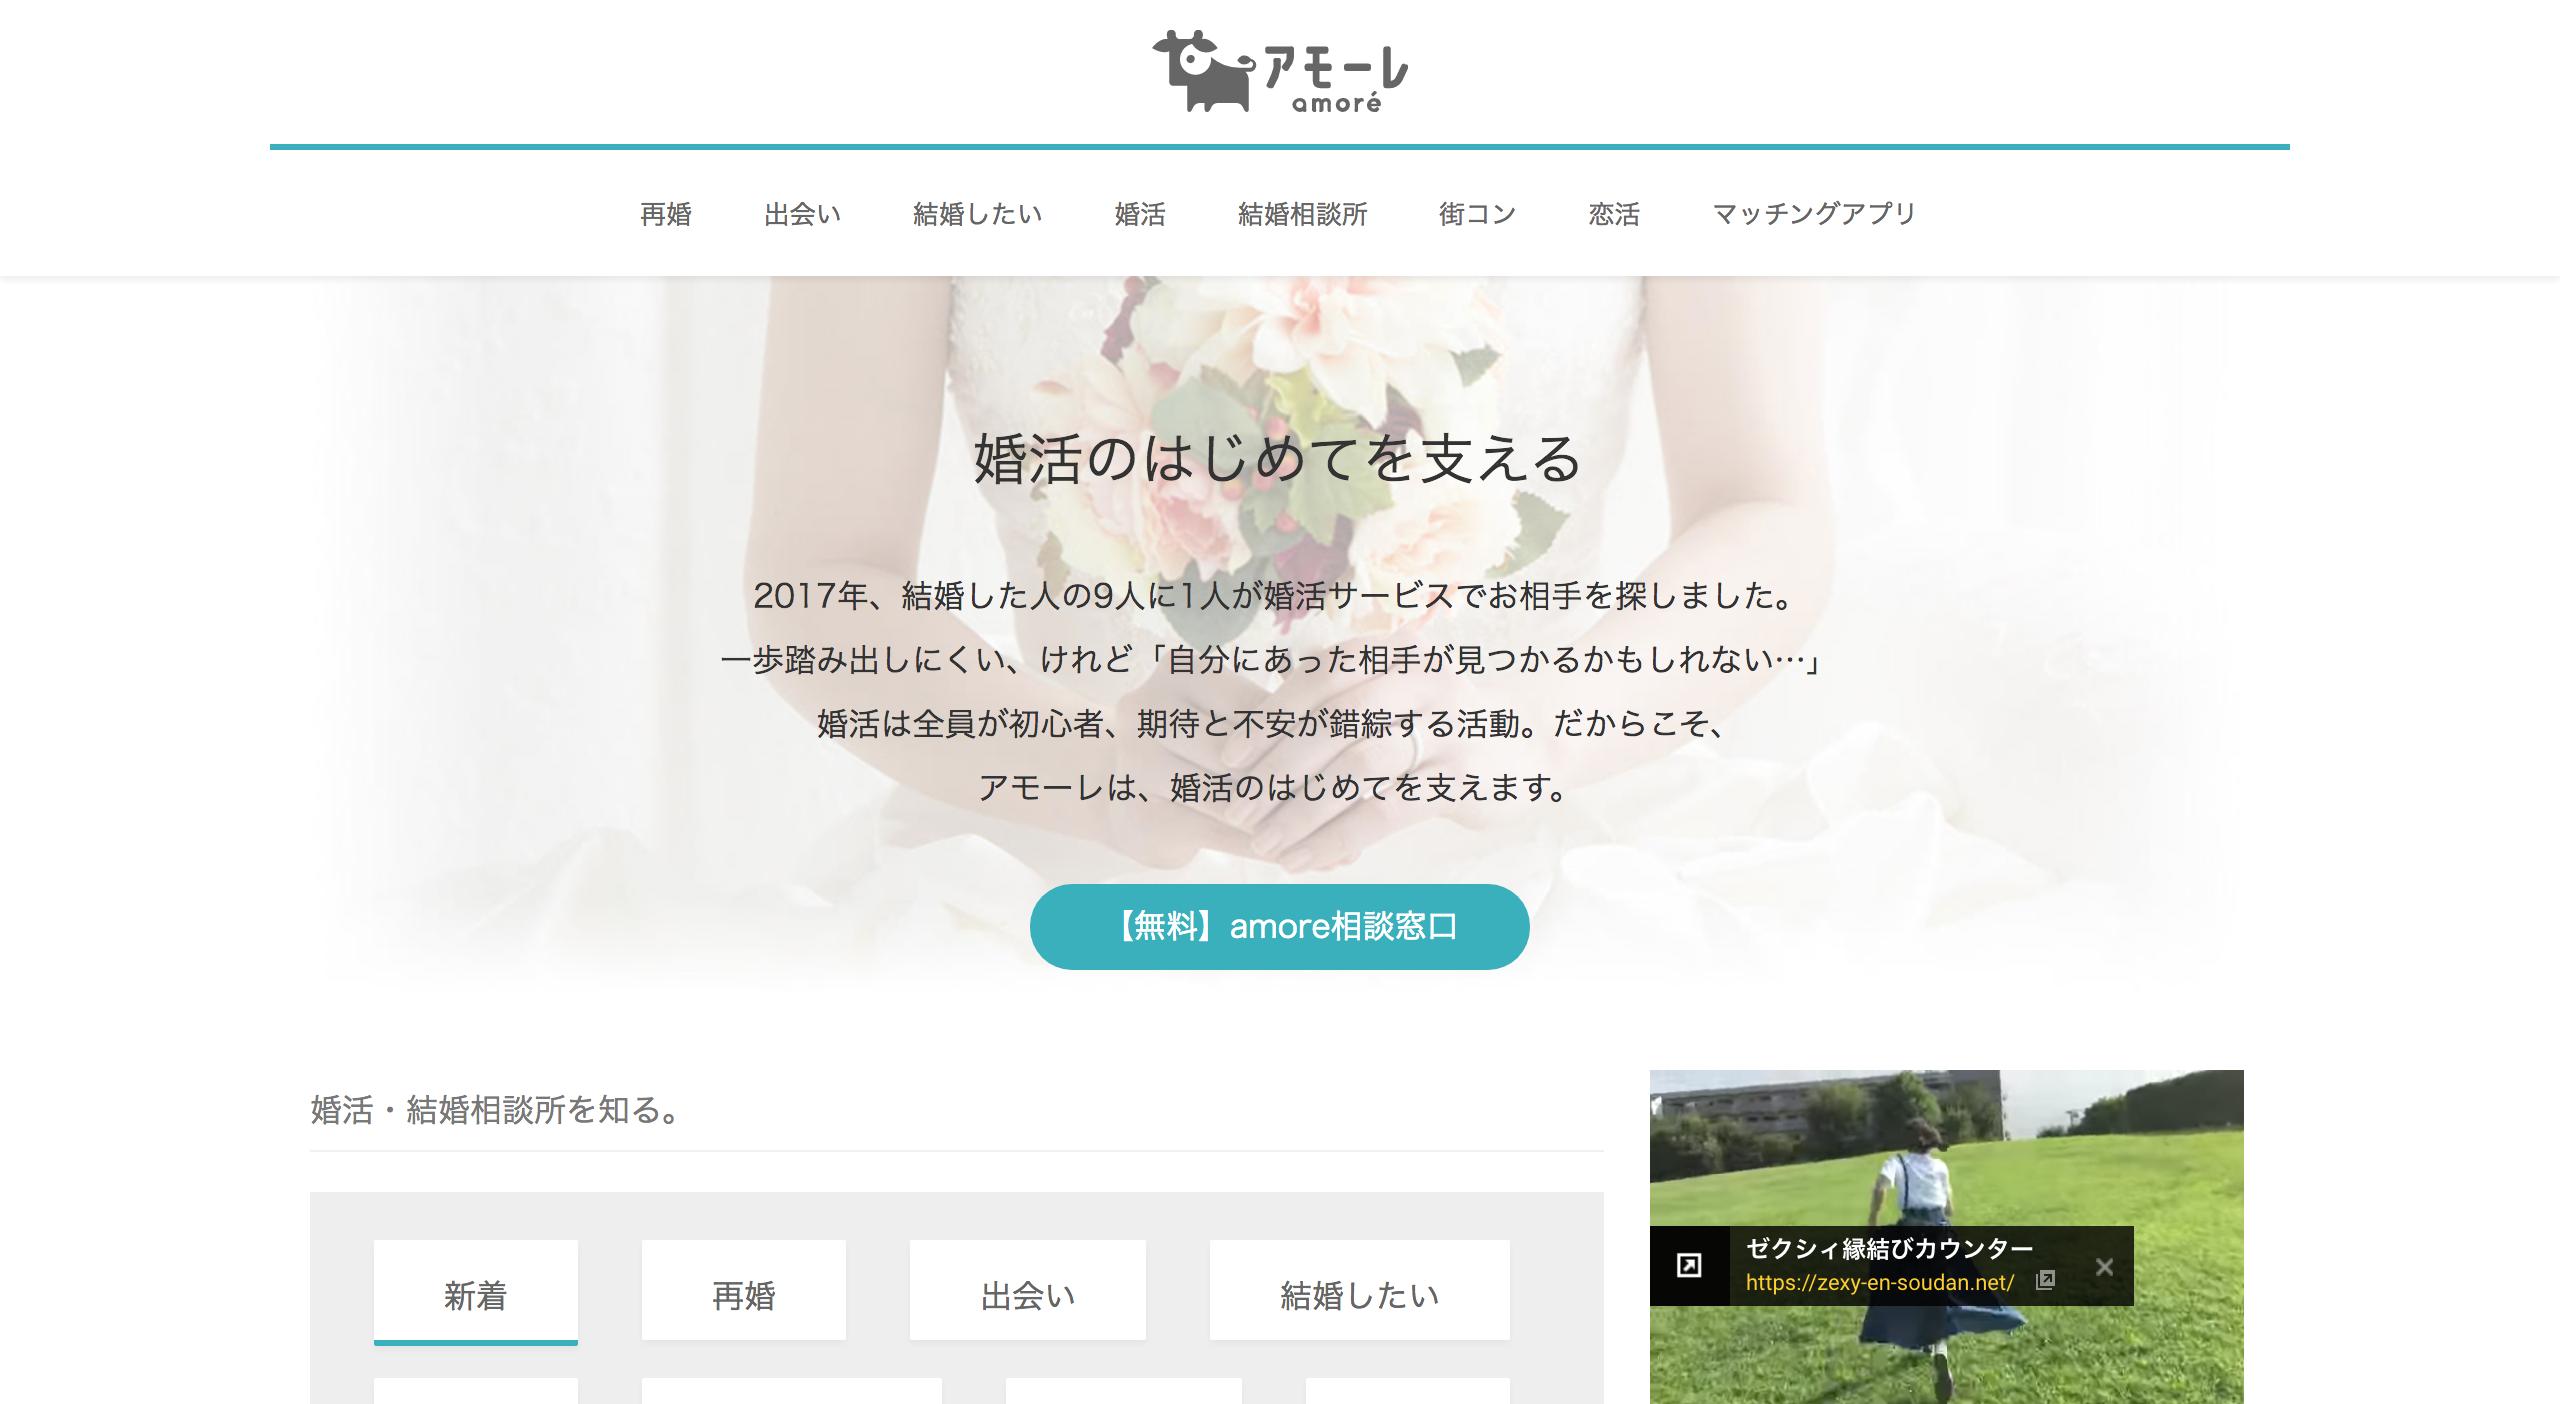 【日本最大級!?】少子高齢化解決の先駆けとなるサービスとは?